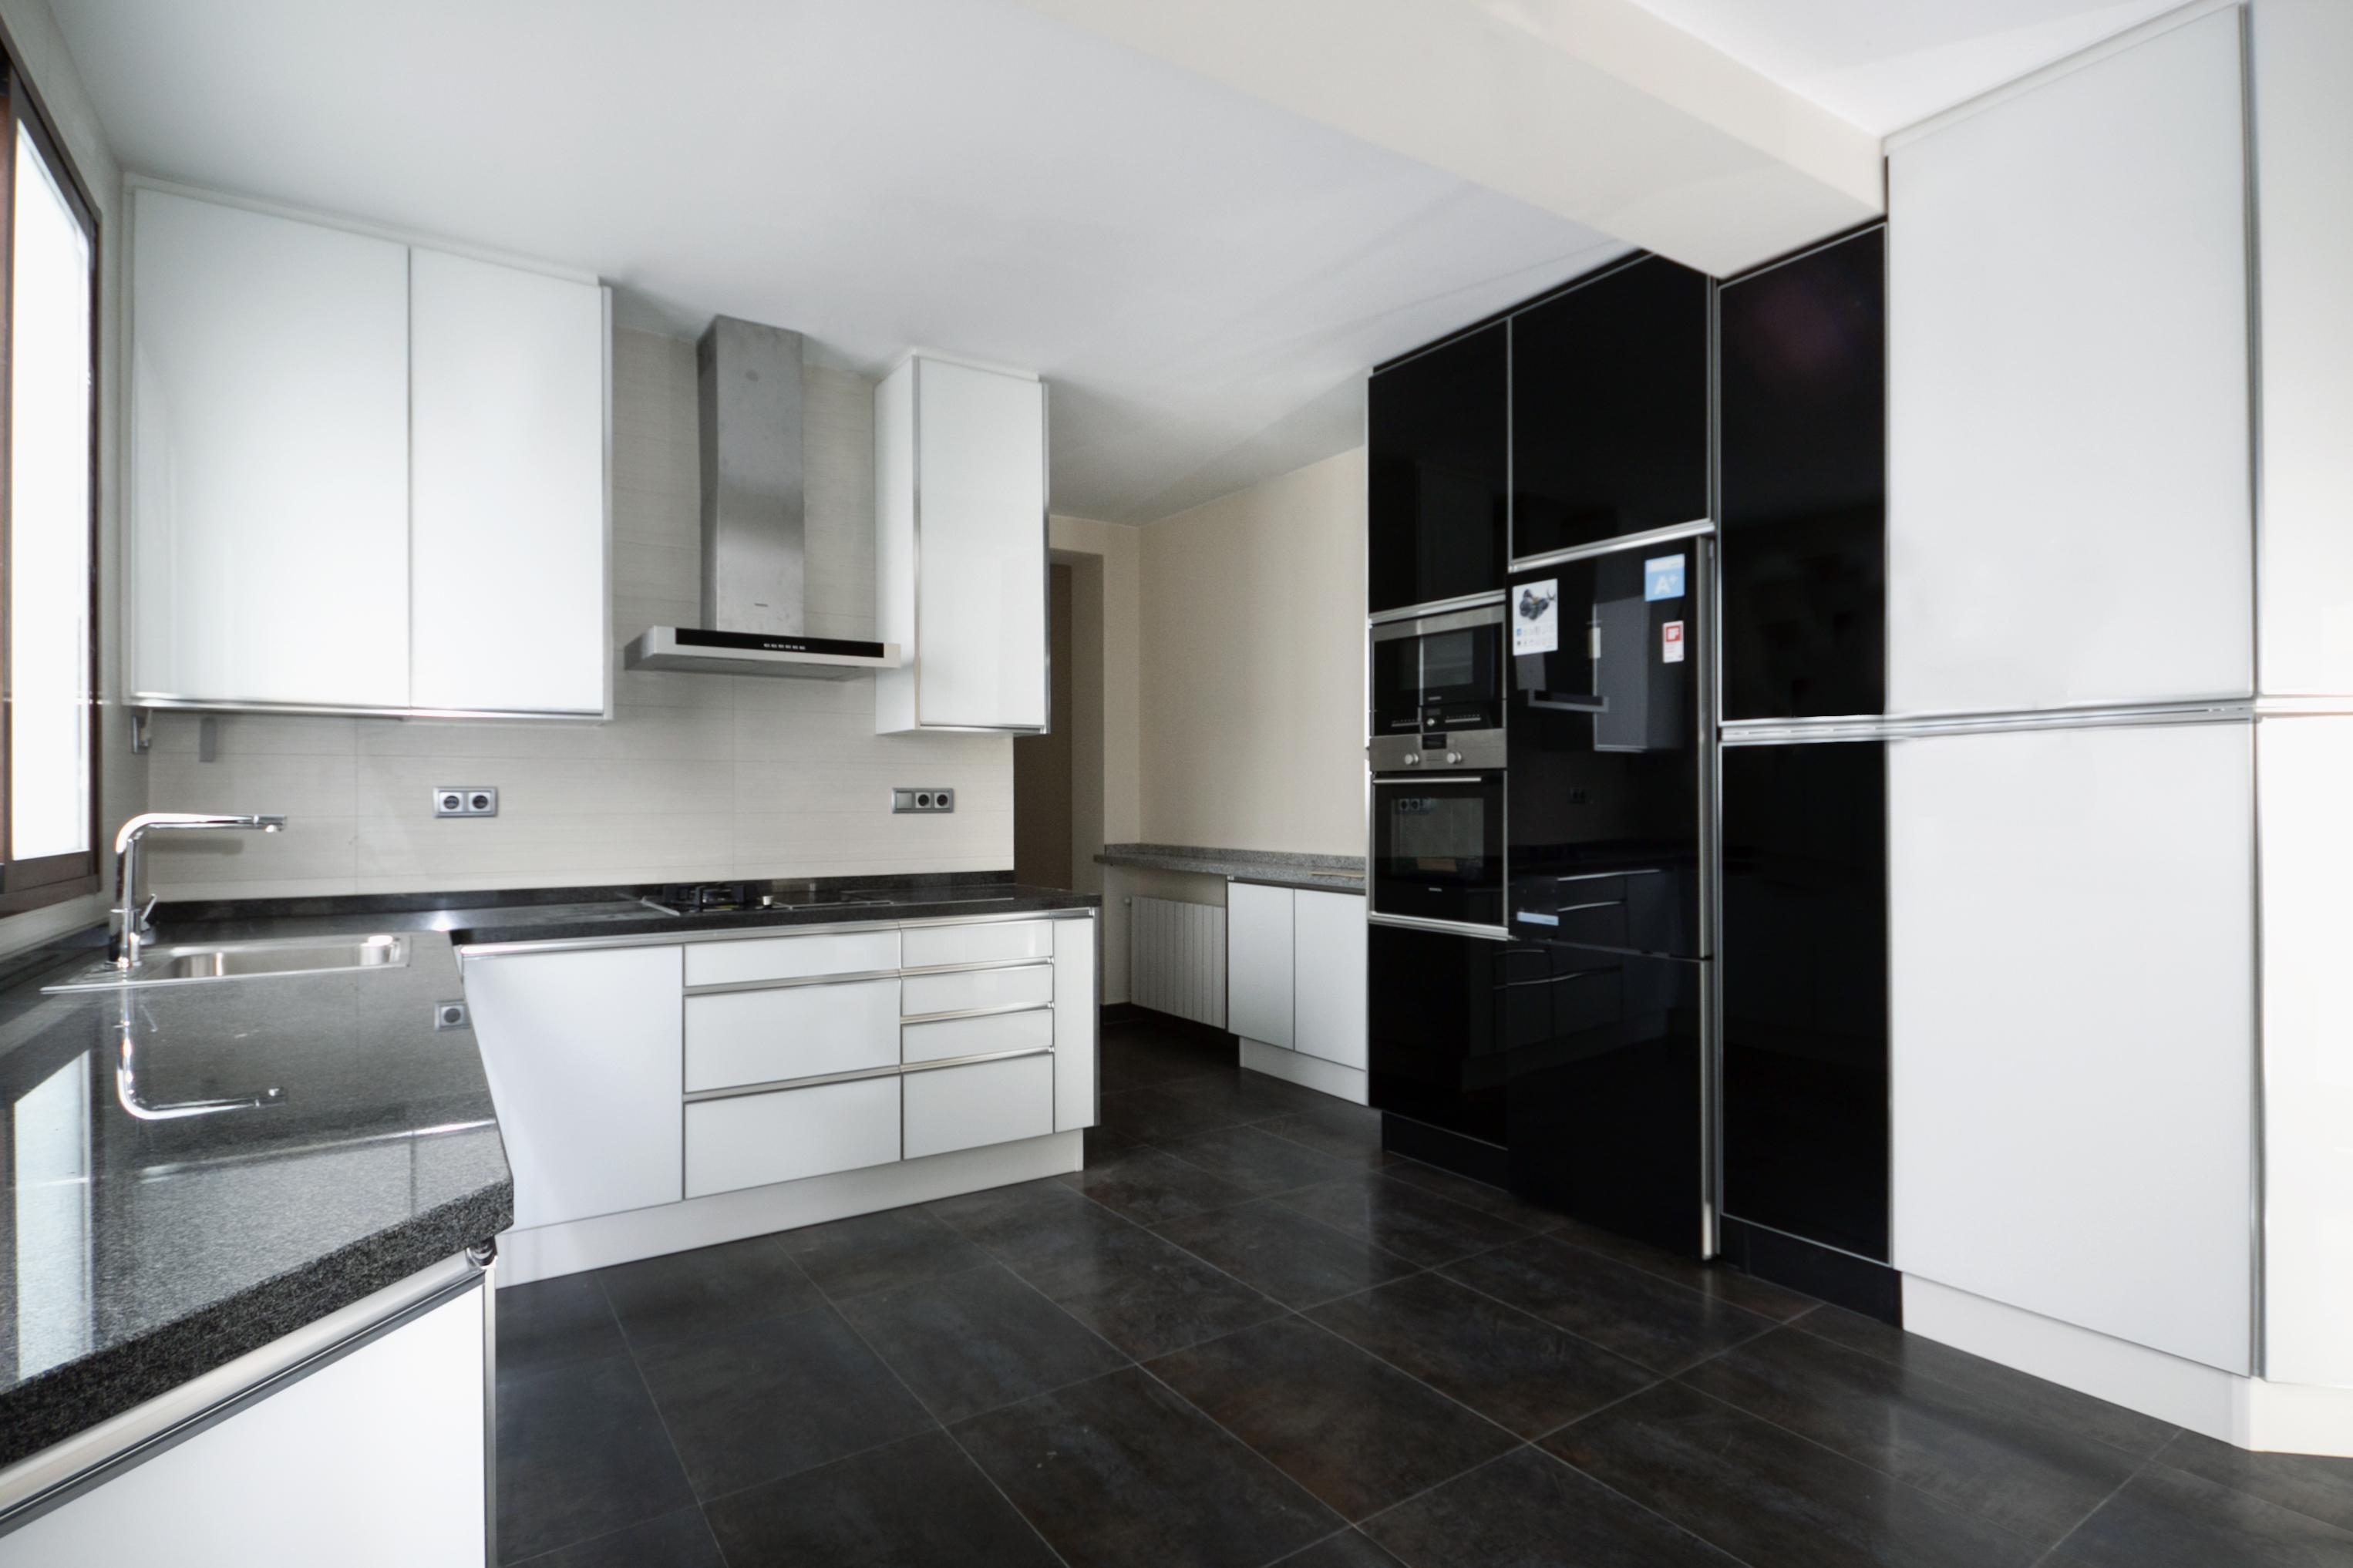 Cocinas con puertas de cristal cocina cerrada con puertas correderas de cristal cristal de - Puerta cristal cocina ...